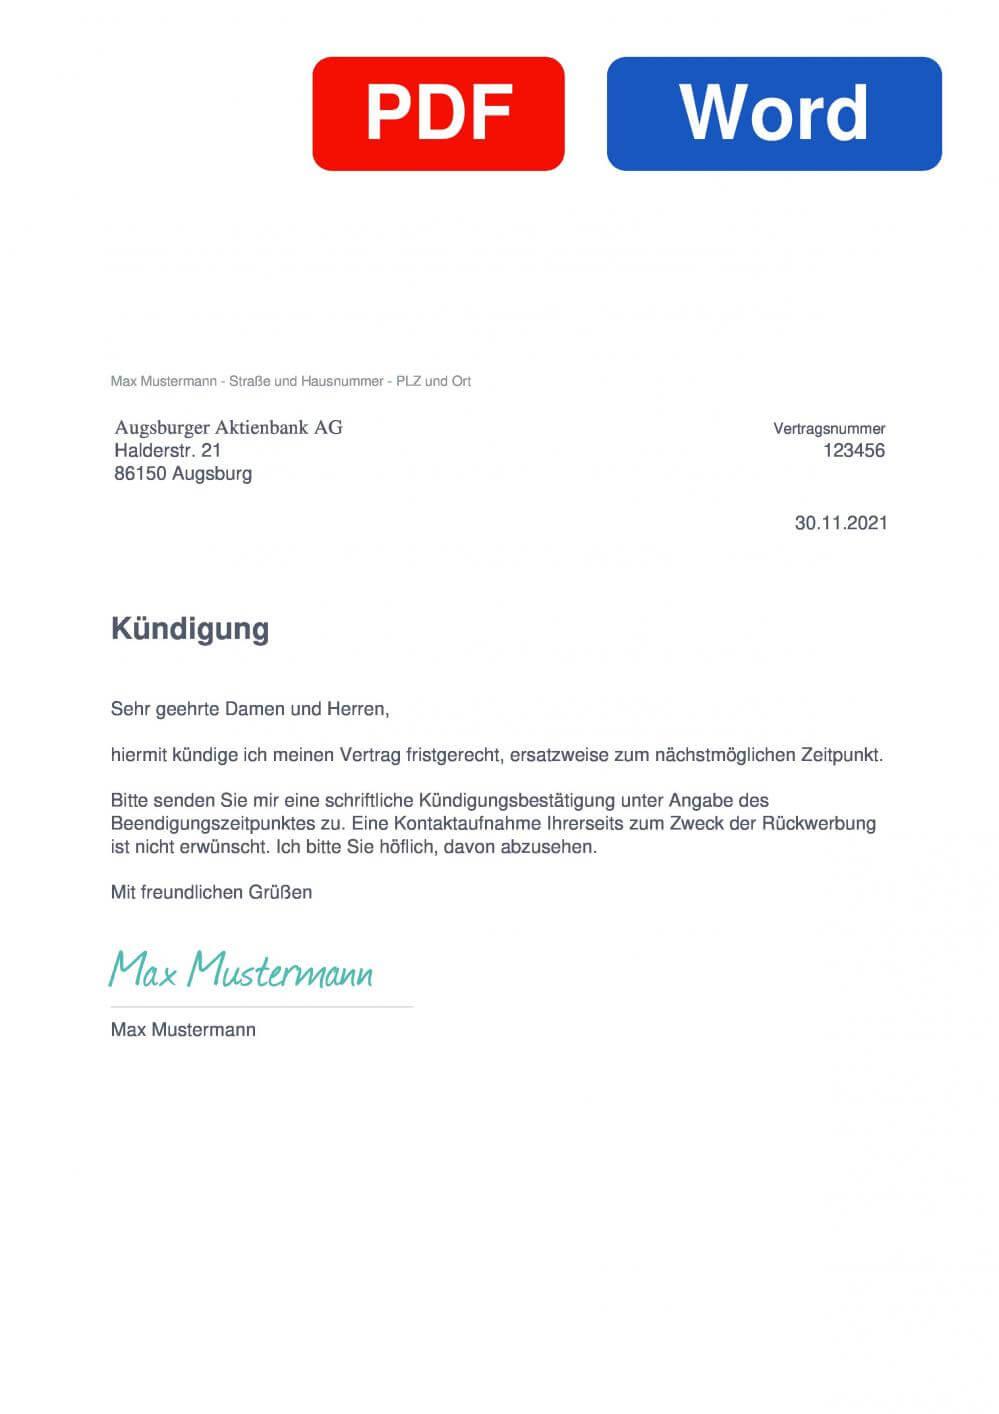 Augsburger Aktienbank Muster Vorlage für Kündigungsschreiben